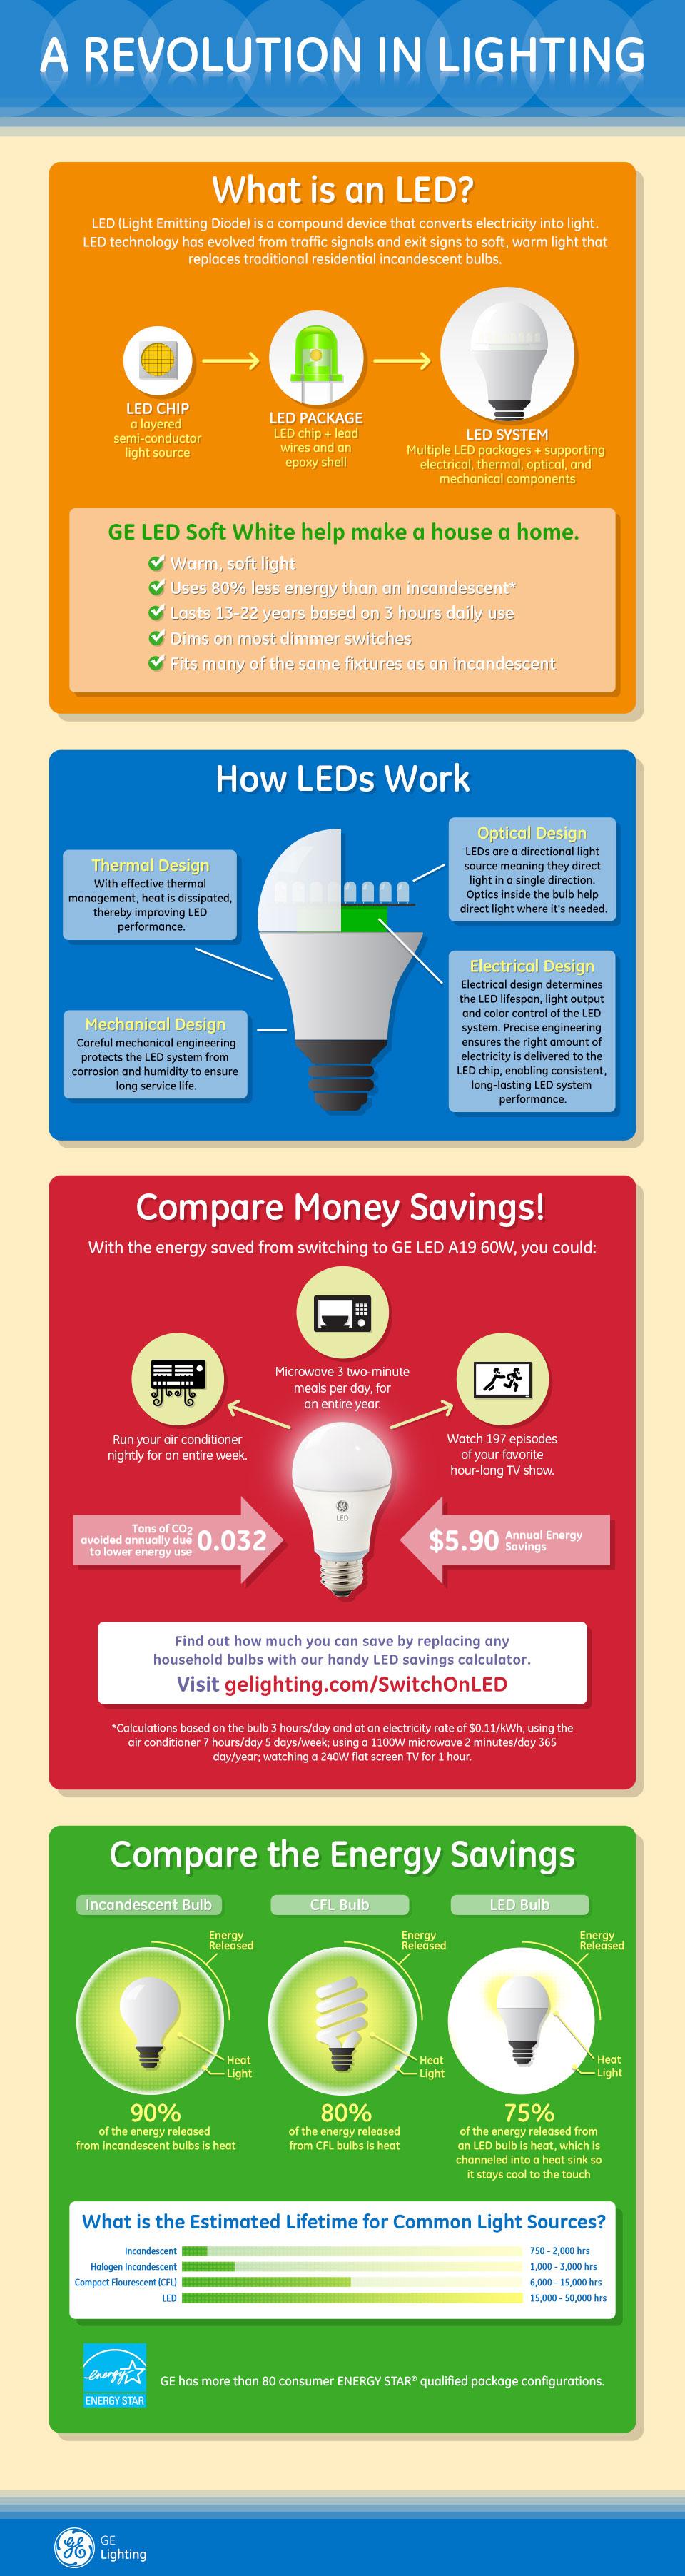 GE-Lighting-Infographic-LED-Revolution-in-Lighting-960x3609